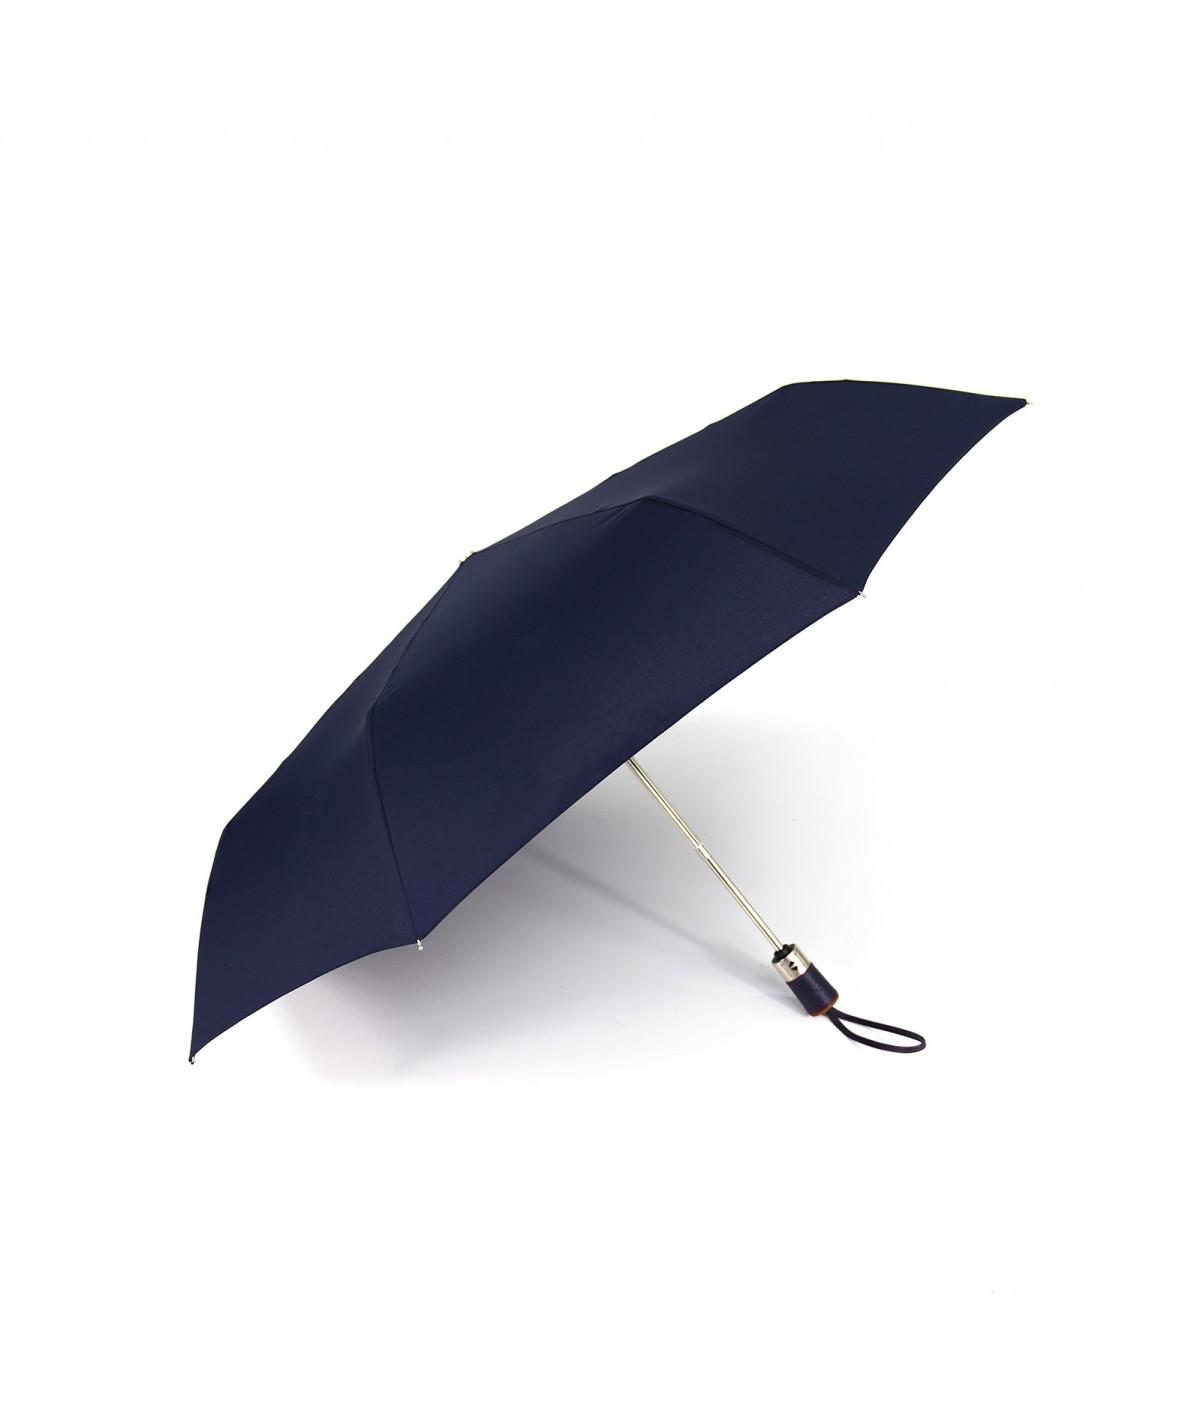 """→ Longchamp Parapluie """"Pliage Club Automatique"""" - Navy -  Parapluie Pliant Automatique"""